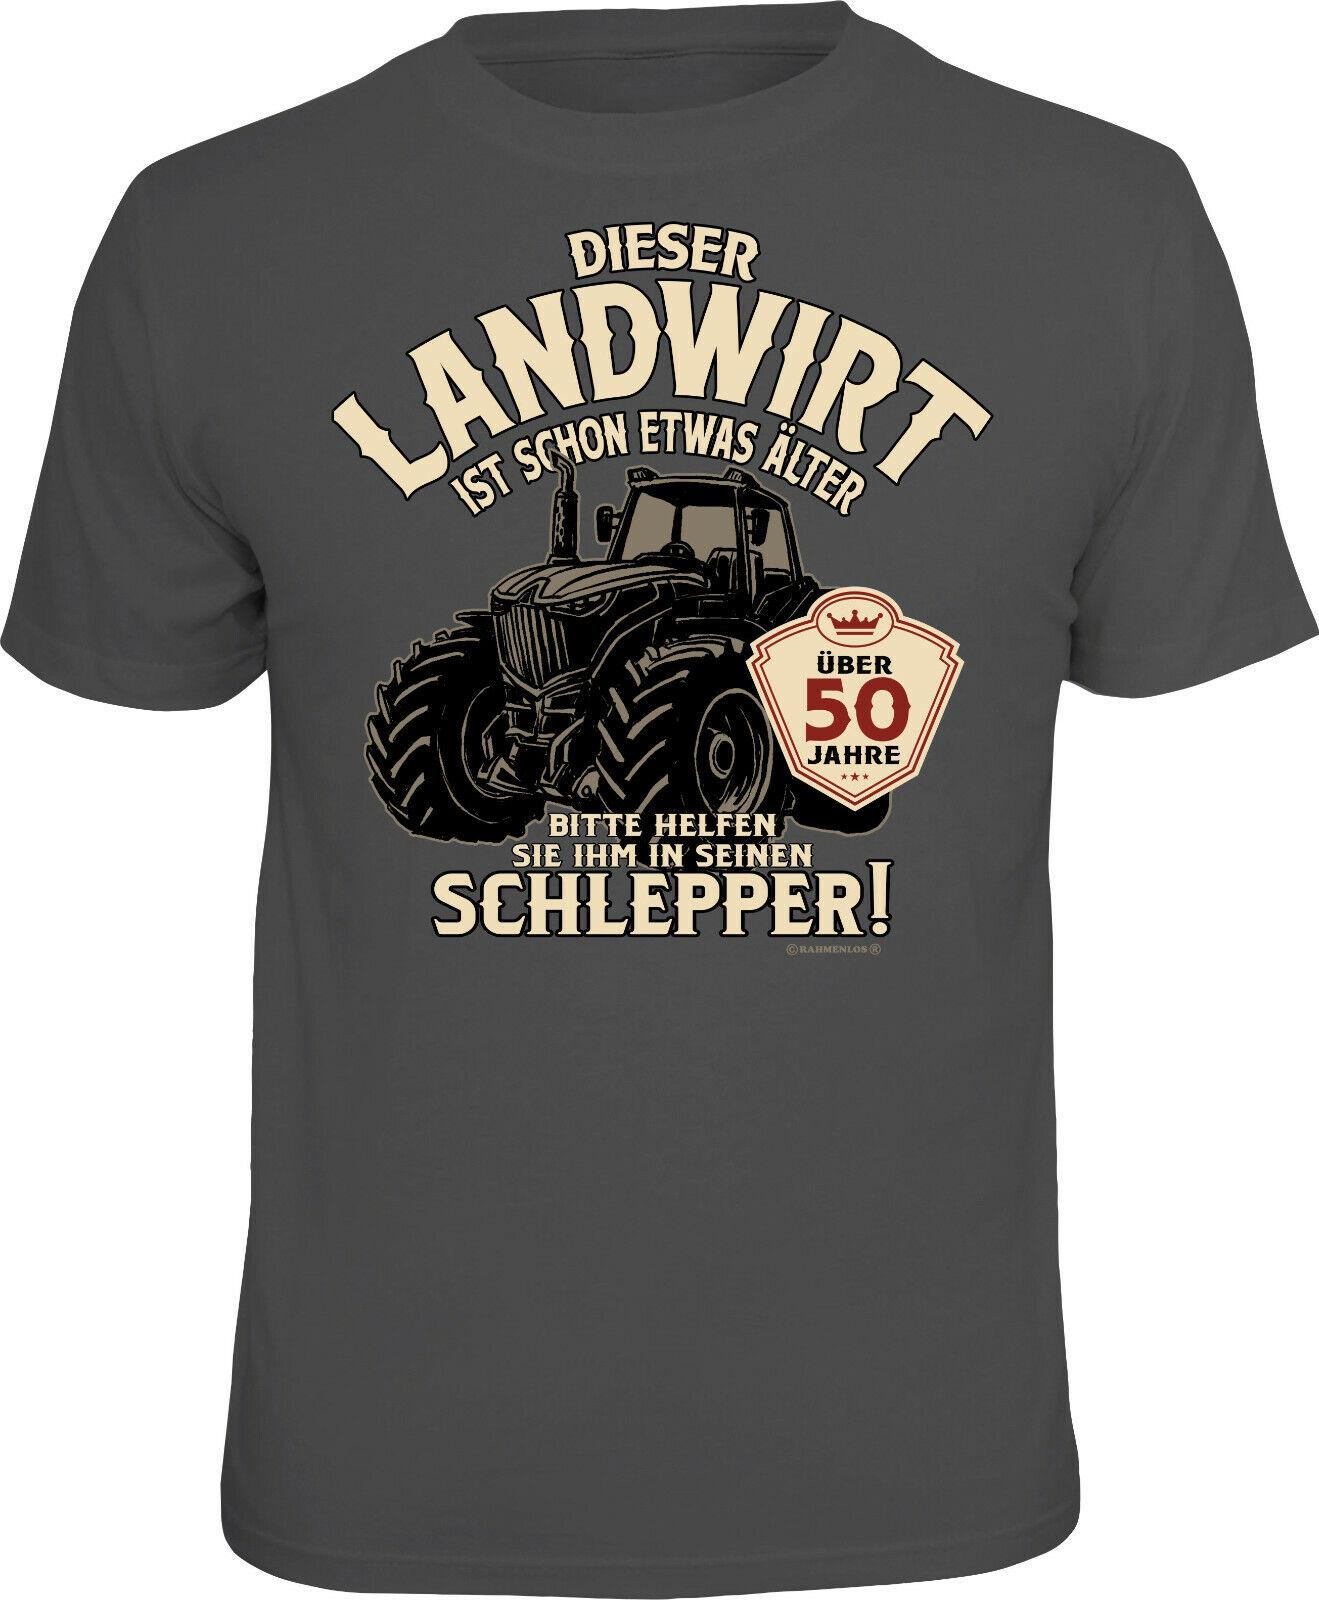 Herren T Shirt Landwirt Uber 50 Lustige Geschenke Manner Geburtstag Shirts Kaufen Bei Kauf Eck Mobius